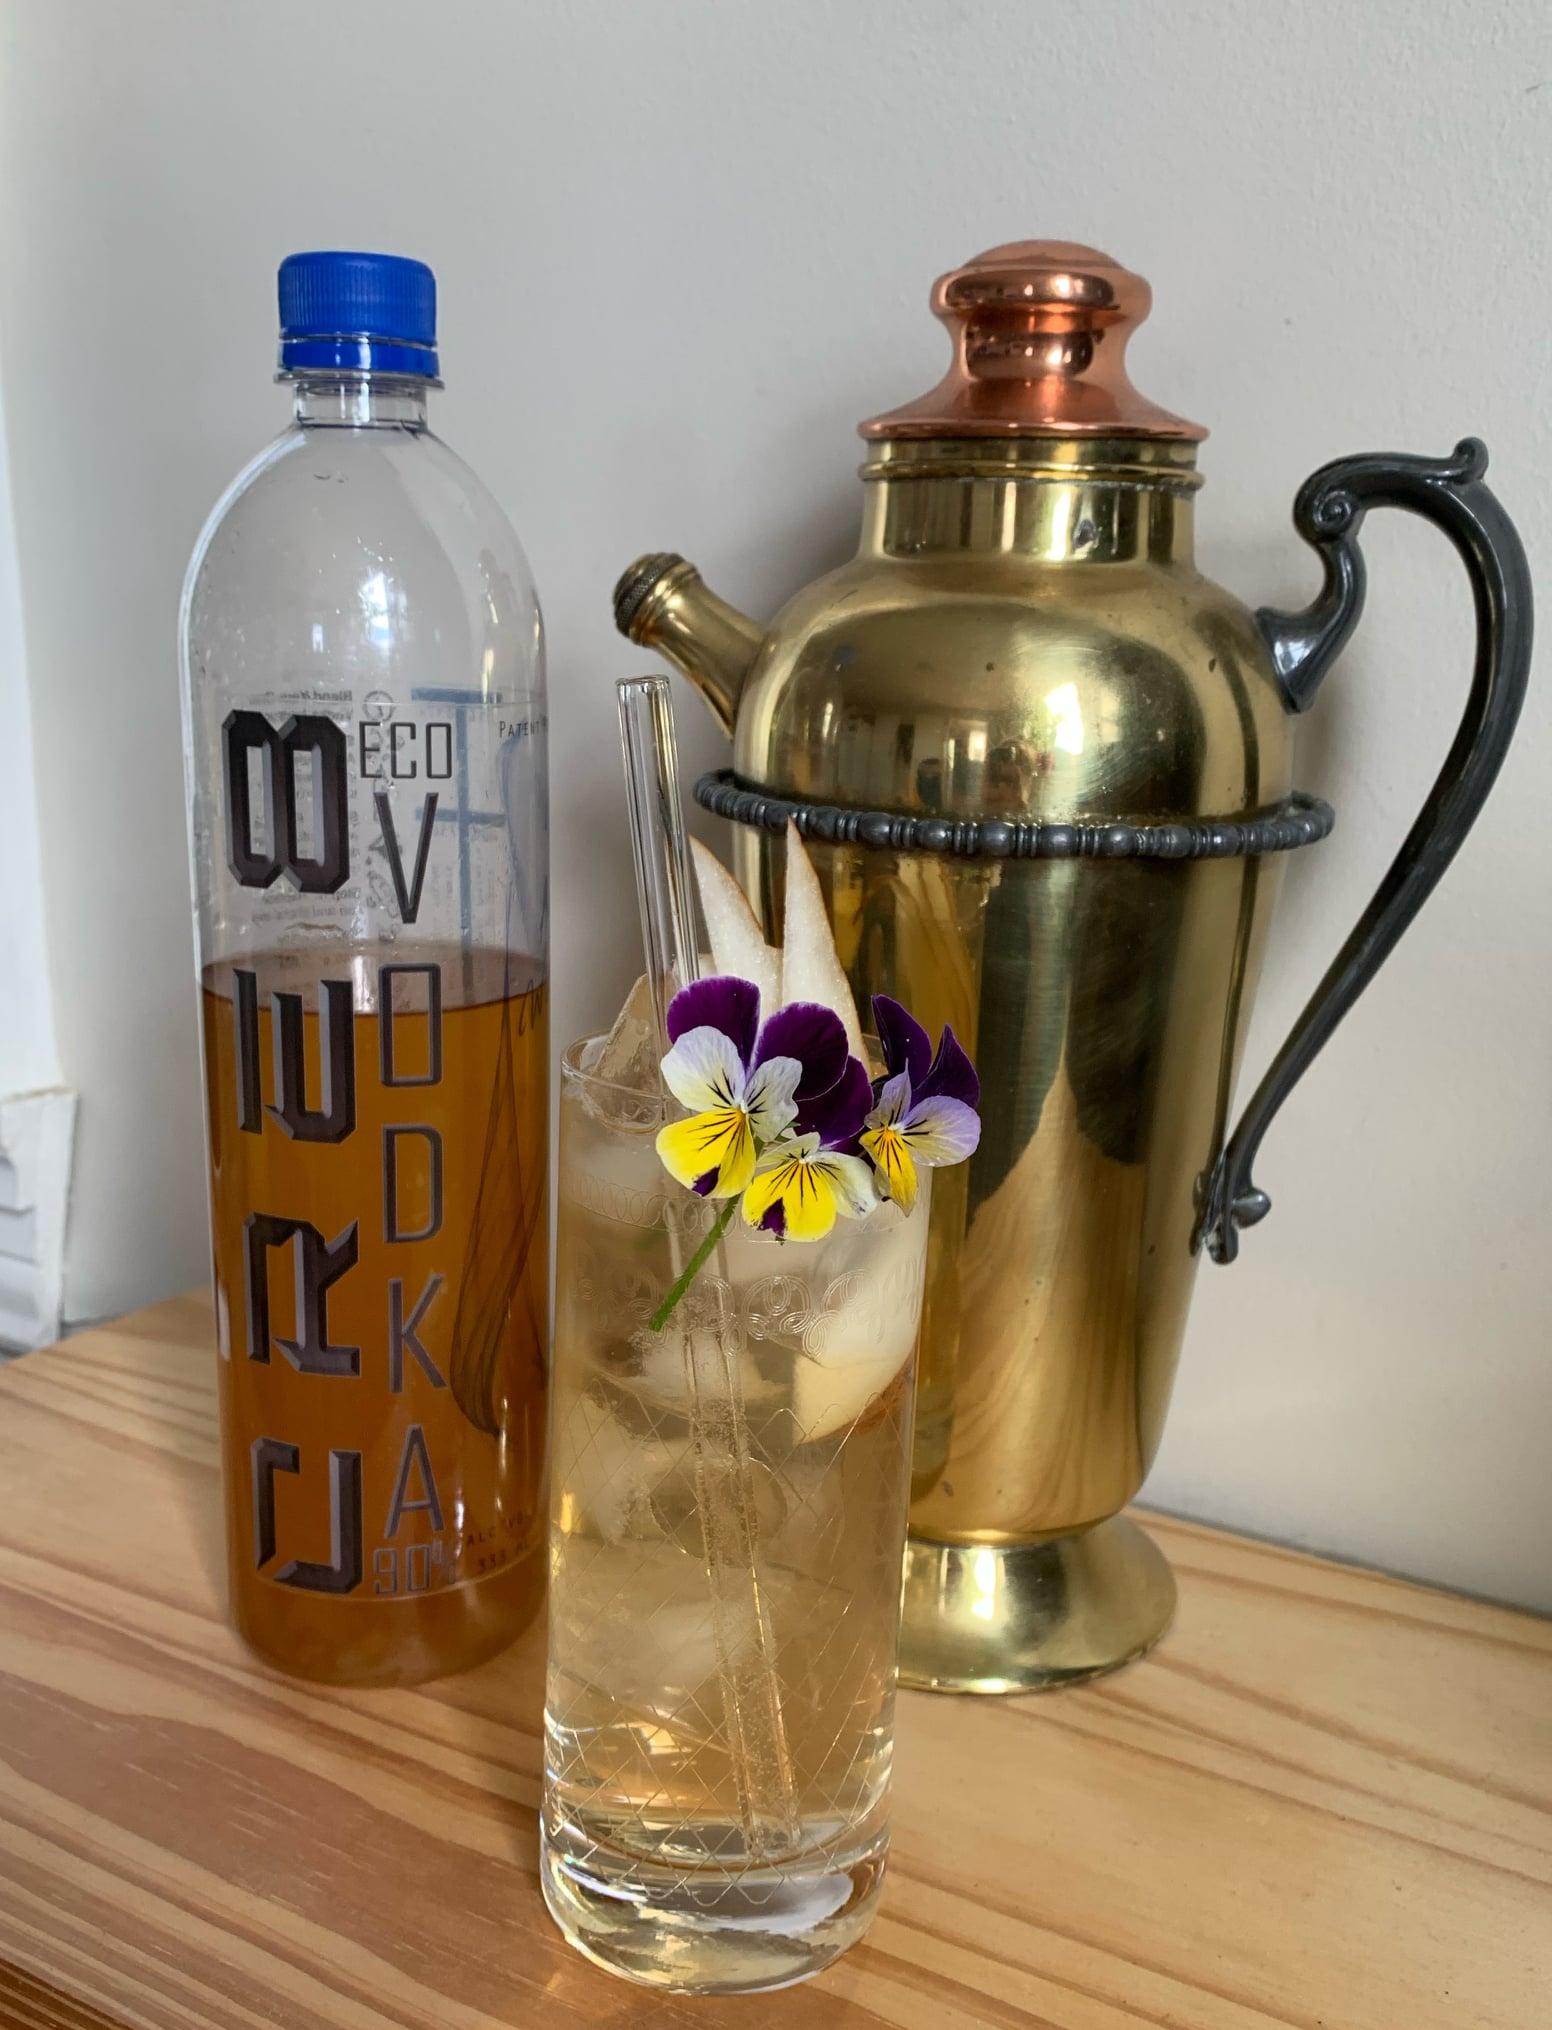 Pear Jasmine Orange Blossom Cre8 Eco Vodka CRE8ion